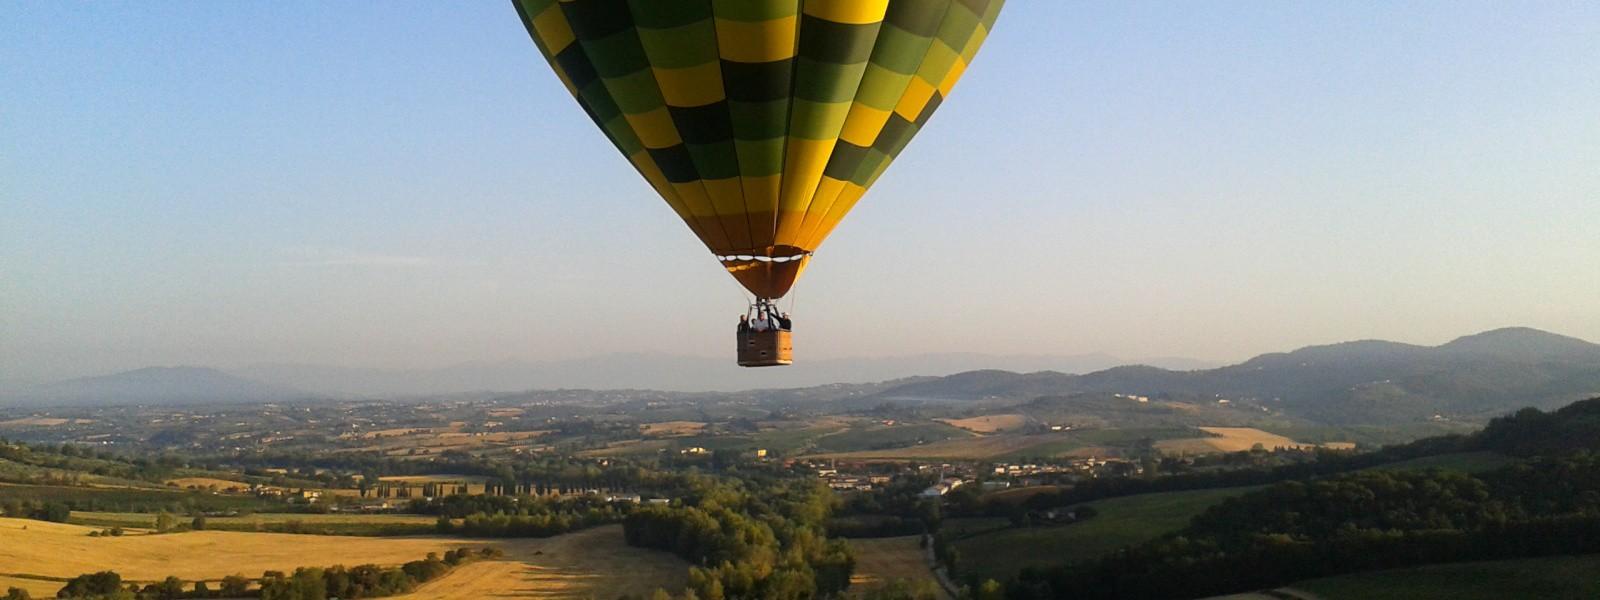 Booking a hotair balloon flight in Italy